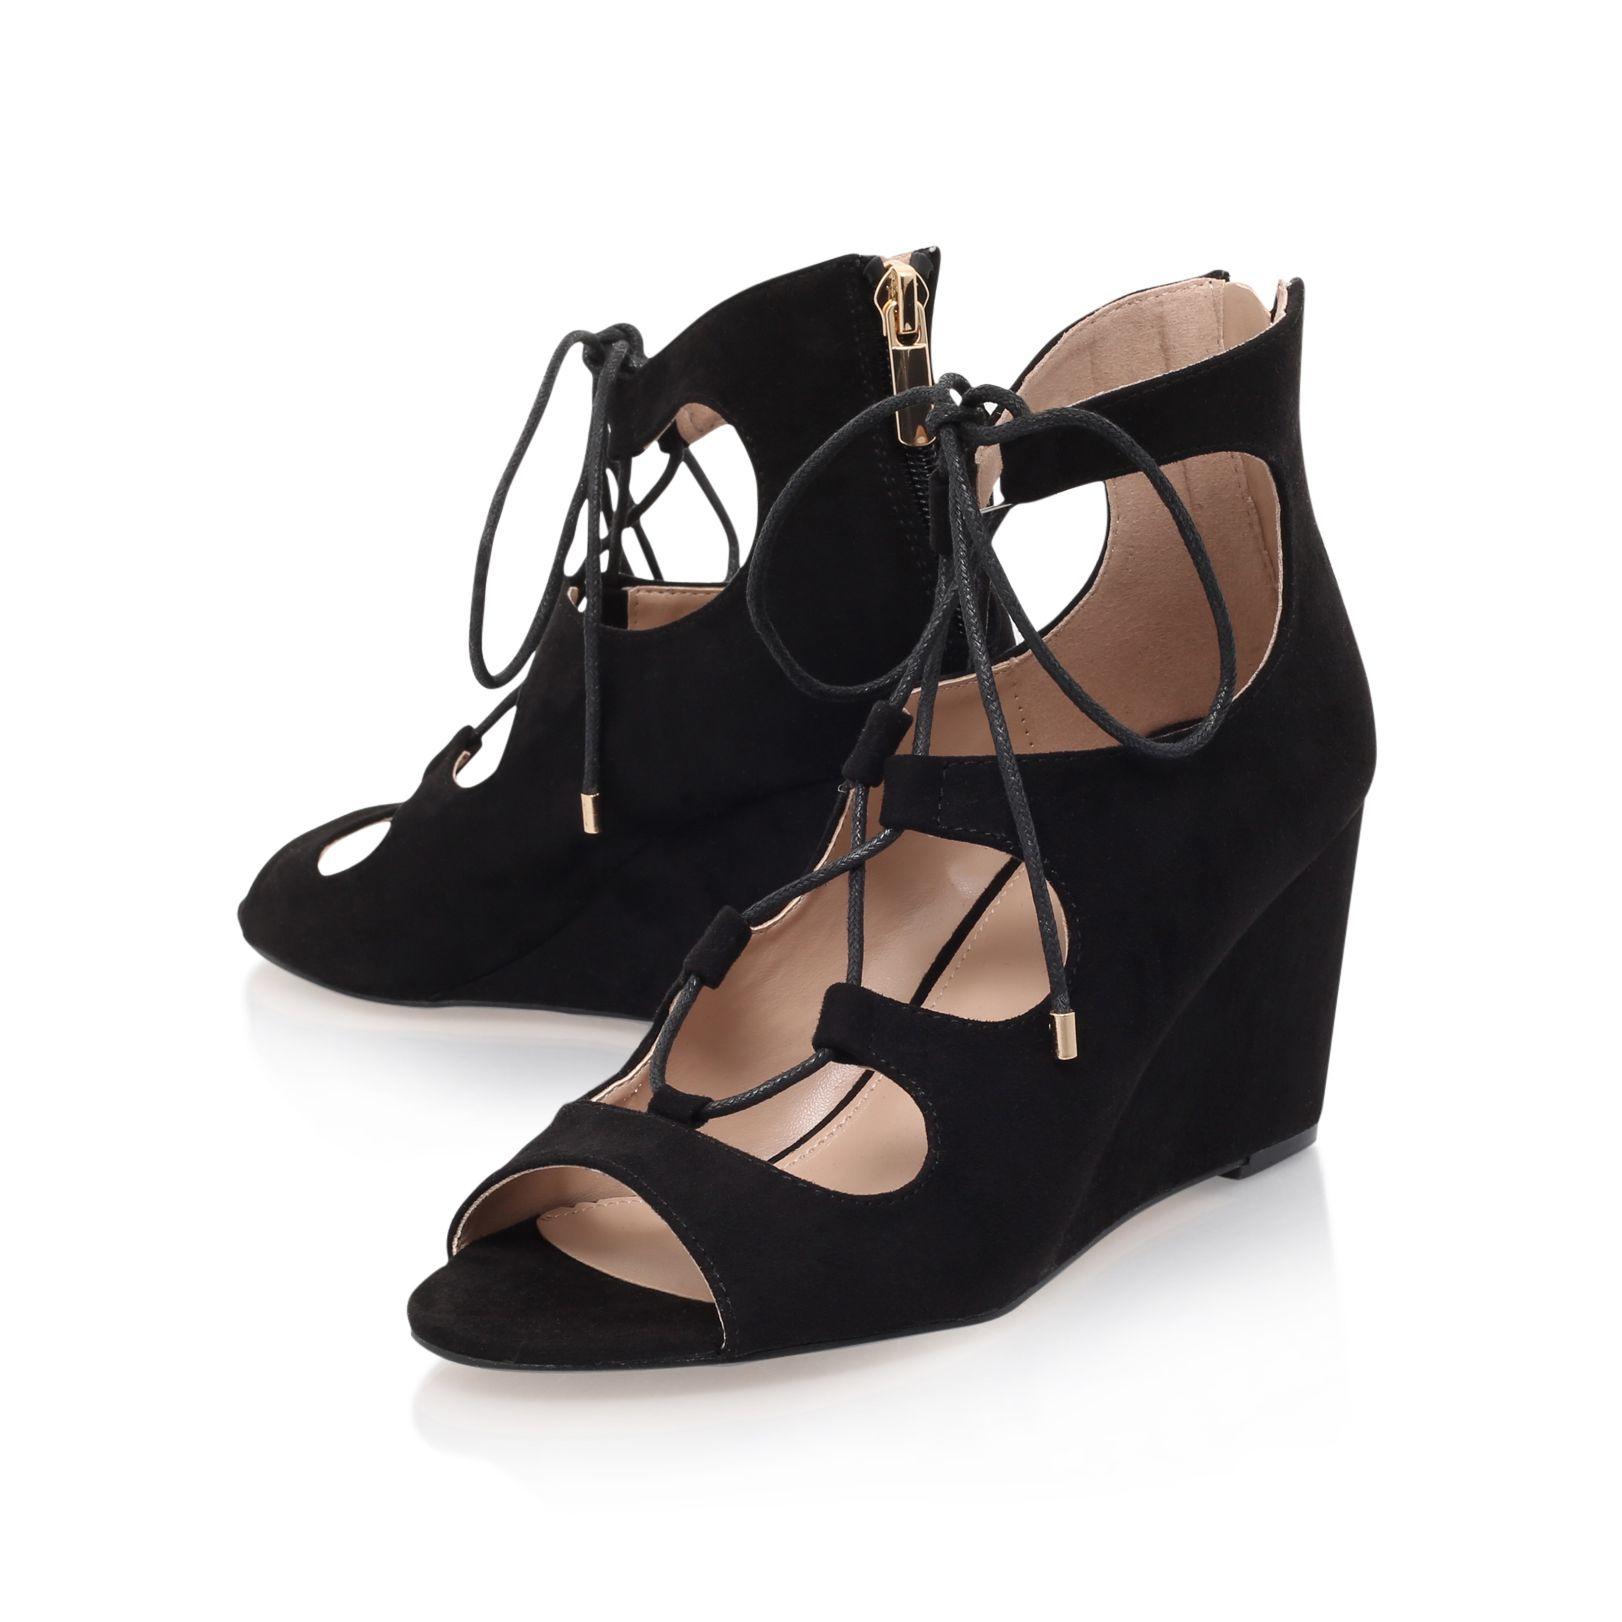 Carvela Kurt Geiger Sophia High Heel Wedge Sandals In